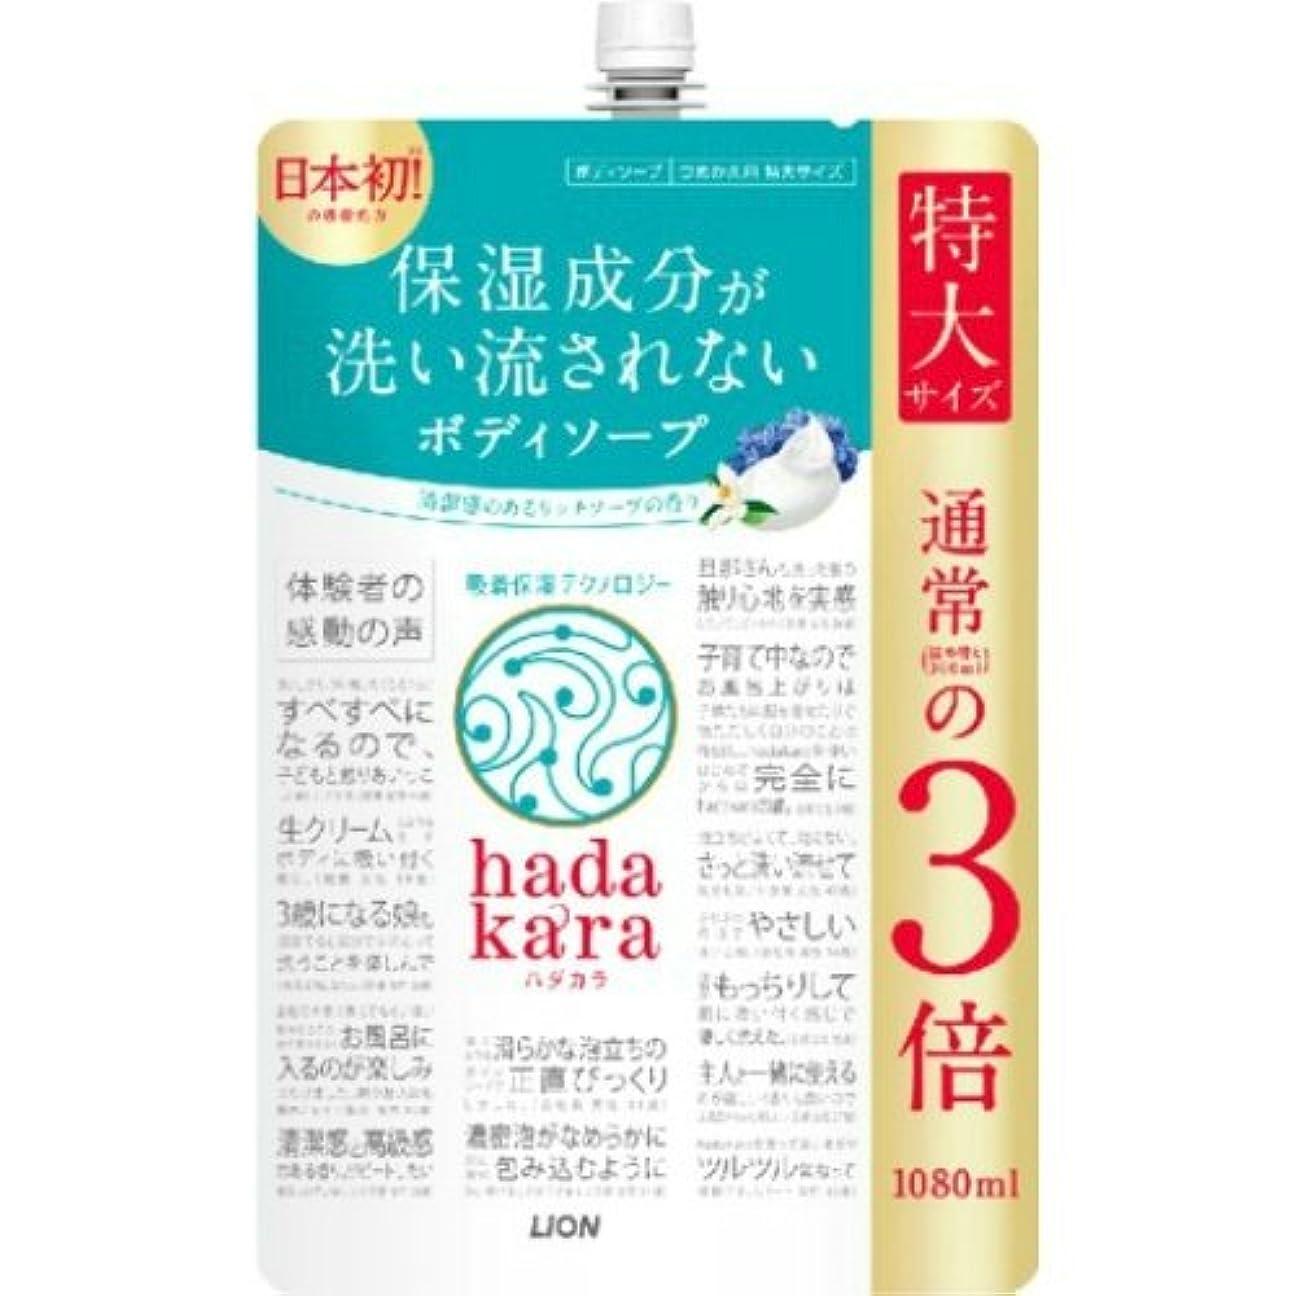 ガレージほのかトラフィックLION ライオン hadakara ハダカラ ボディソープ リッチソープの香り つめかえ用 特大サイズ 1080ml ×3点セット(4903301260882)